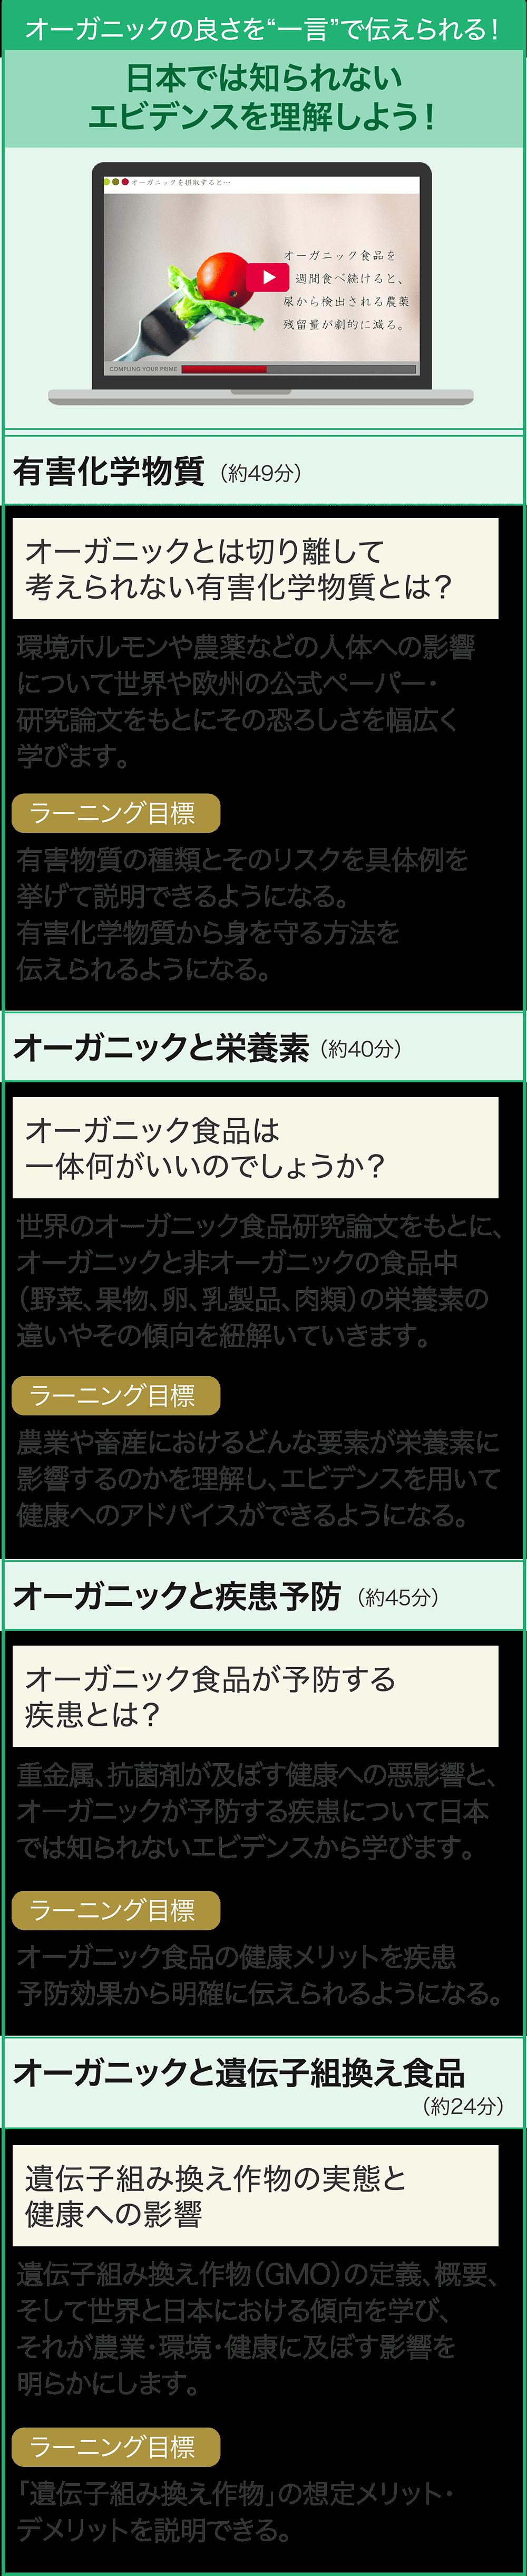 日本では知られないエビデンスを理解しよう!